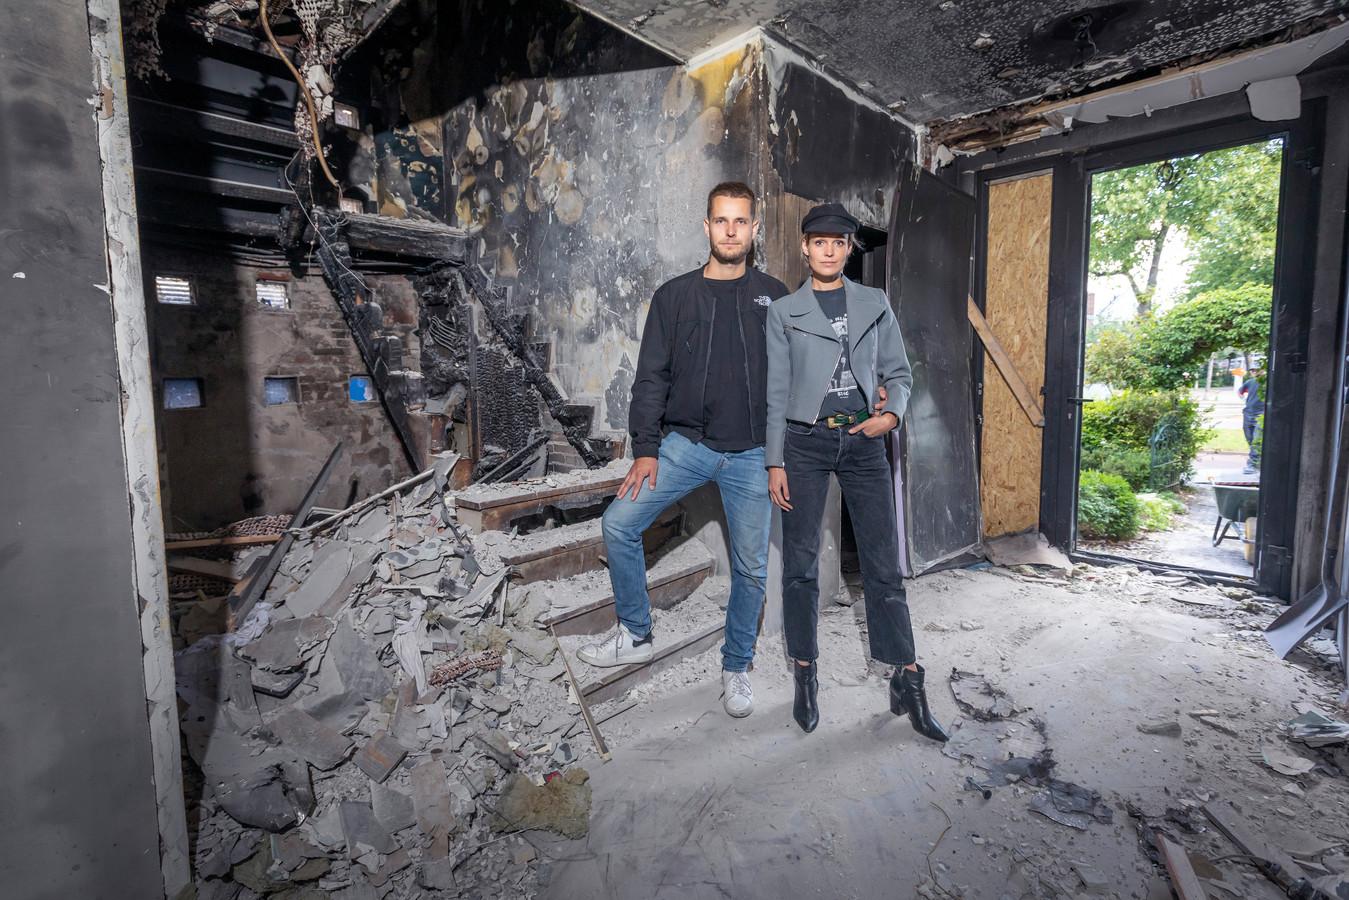 Martijn van Dijk en Céline van Amstel in hun droomwoning in Schiedam die door een brand werd verwoest.